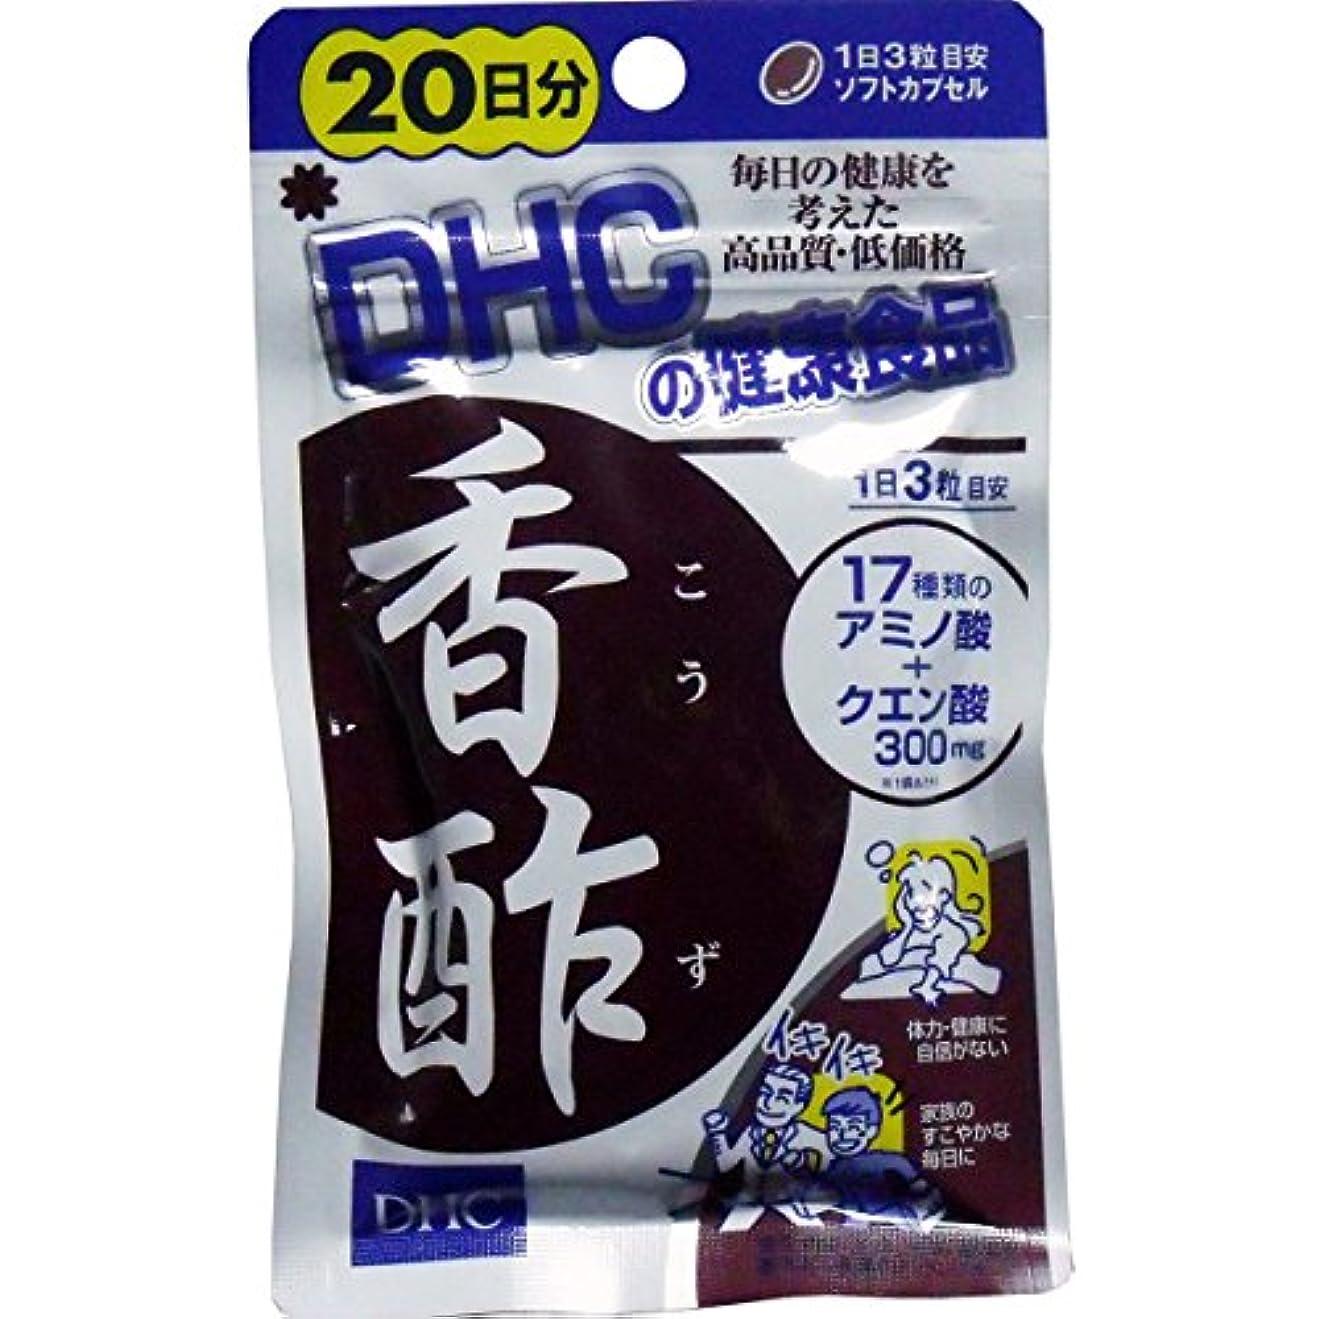 に対処する株式厚さDHC 香酢 20日分 60粒入